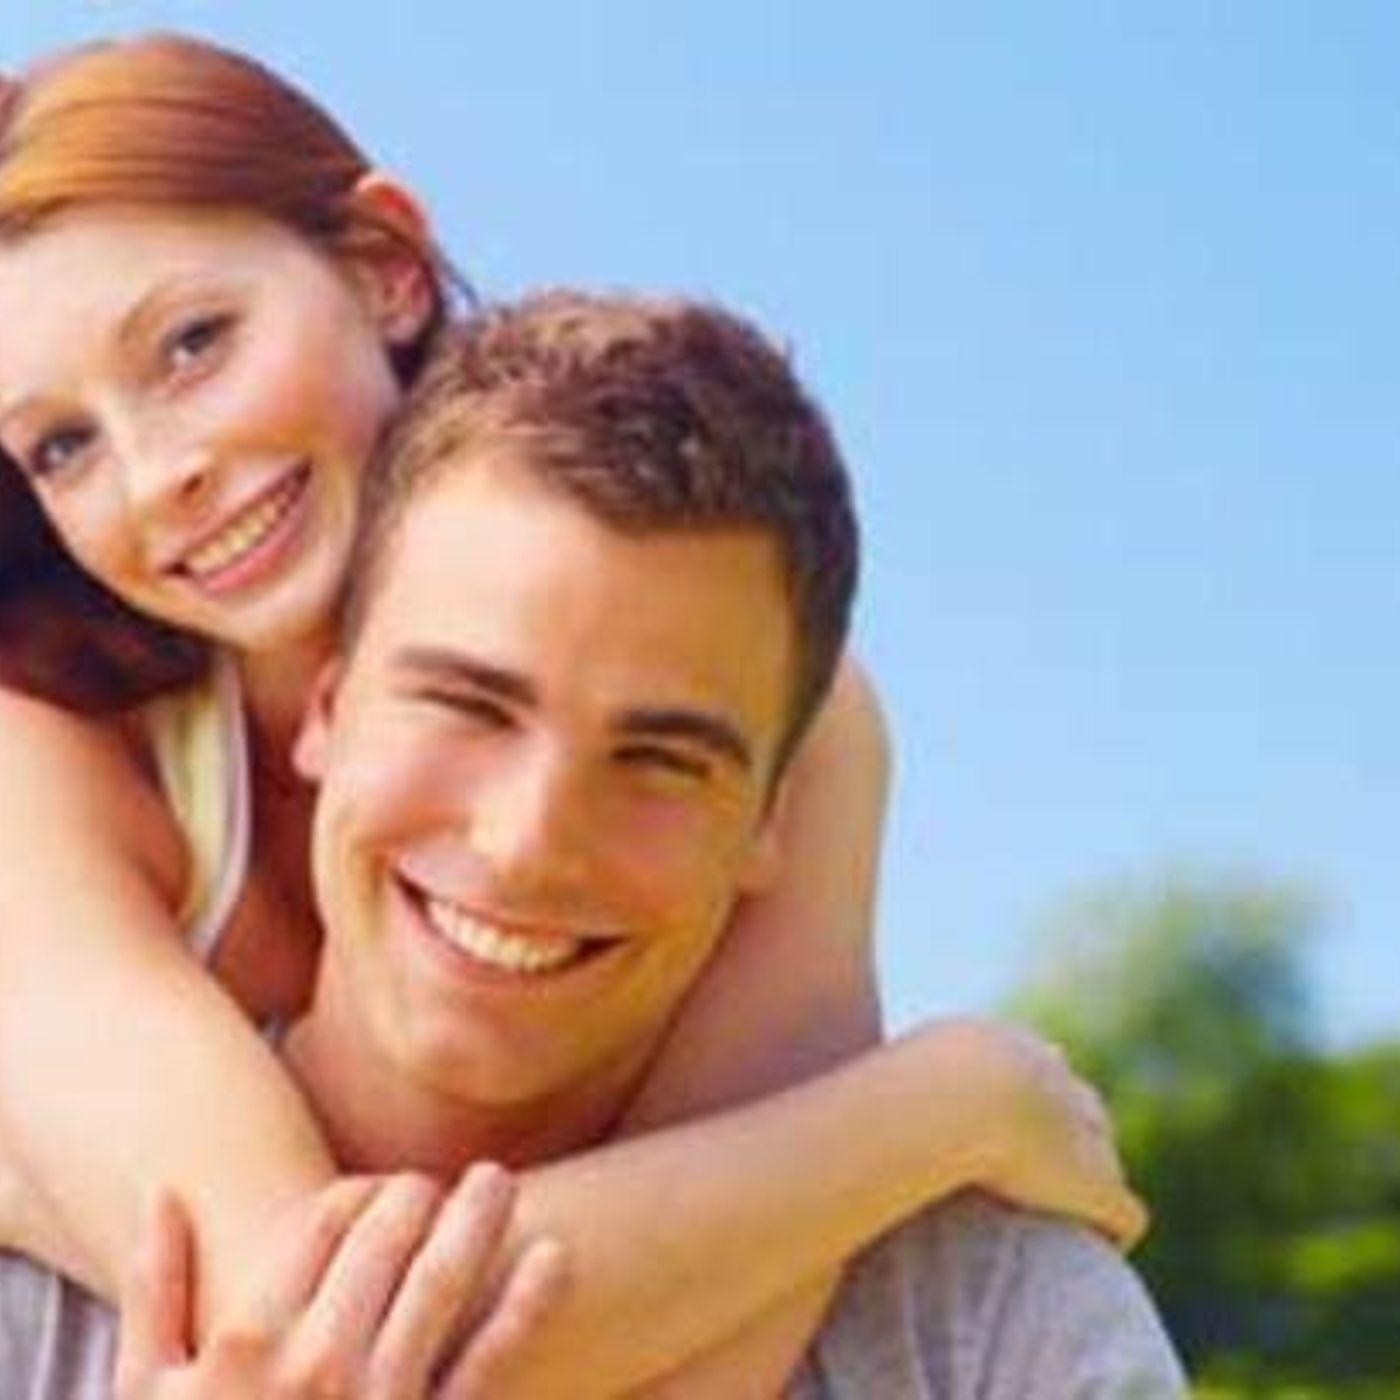 İlişkilerde Dikkat Edilmesi Gereken 5 Şey